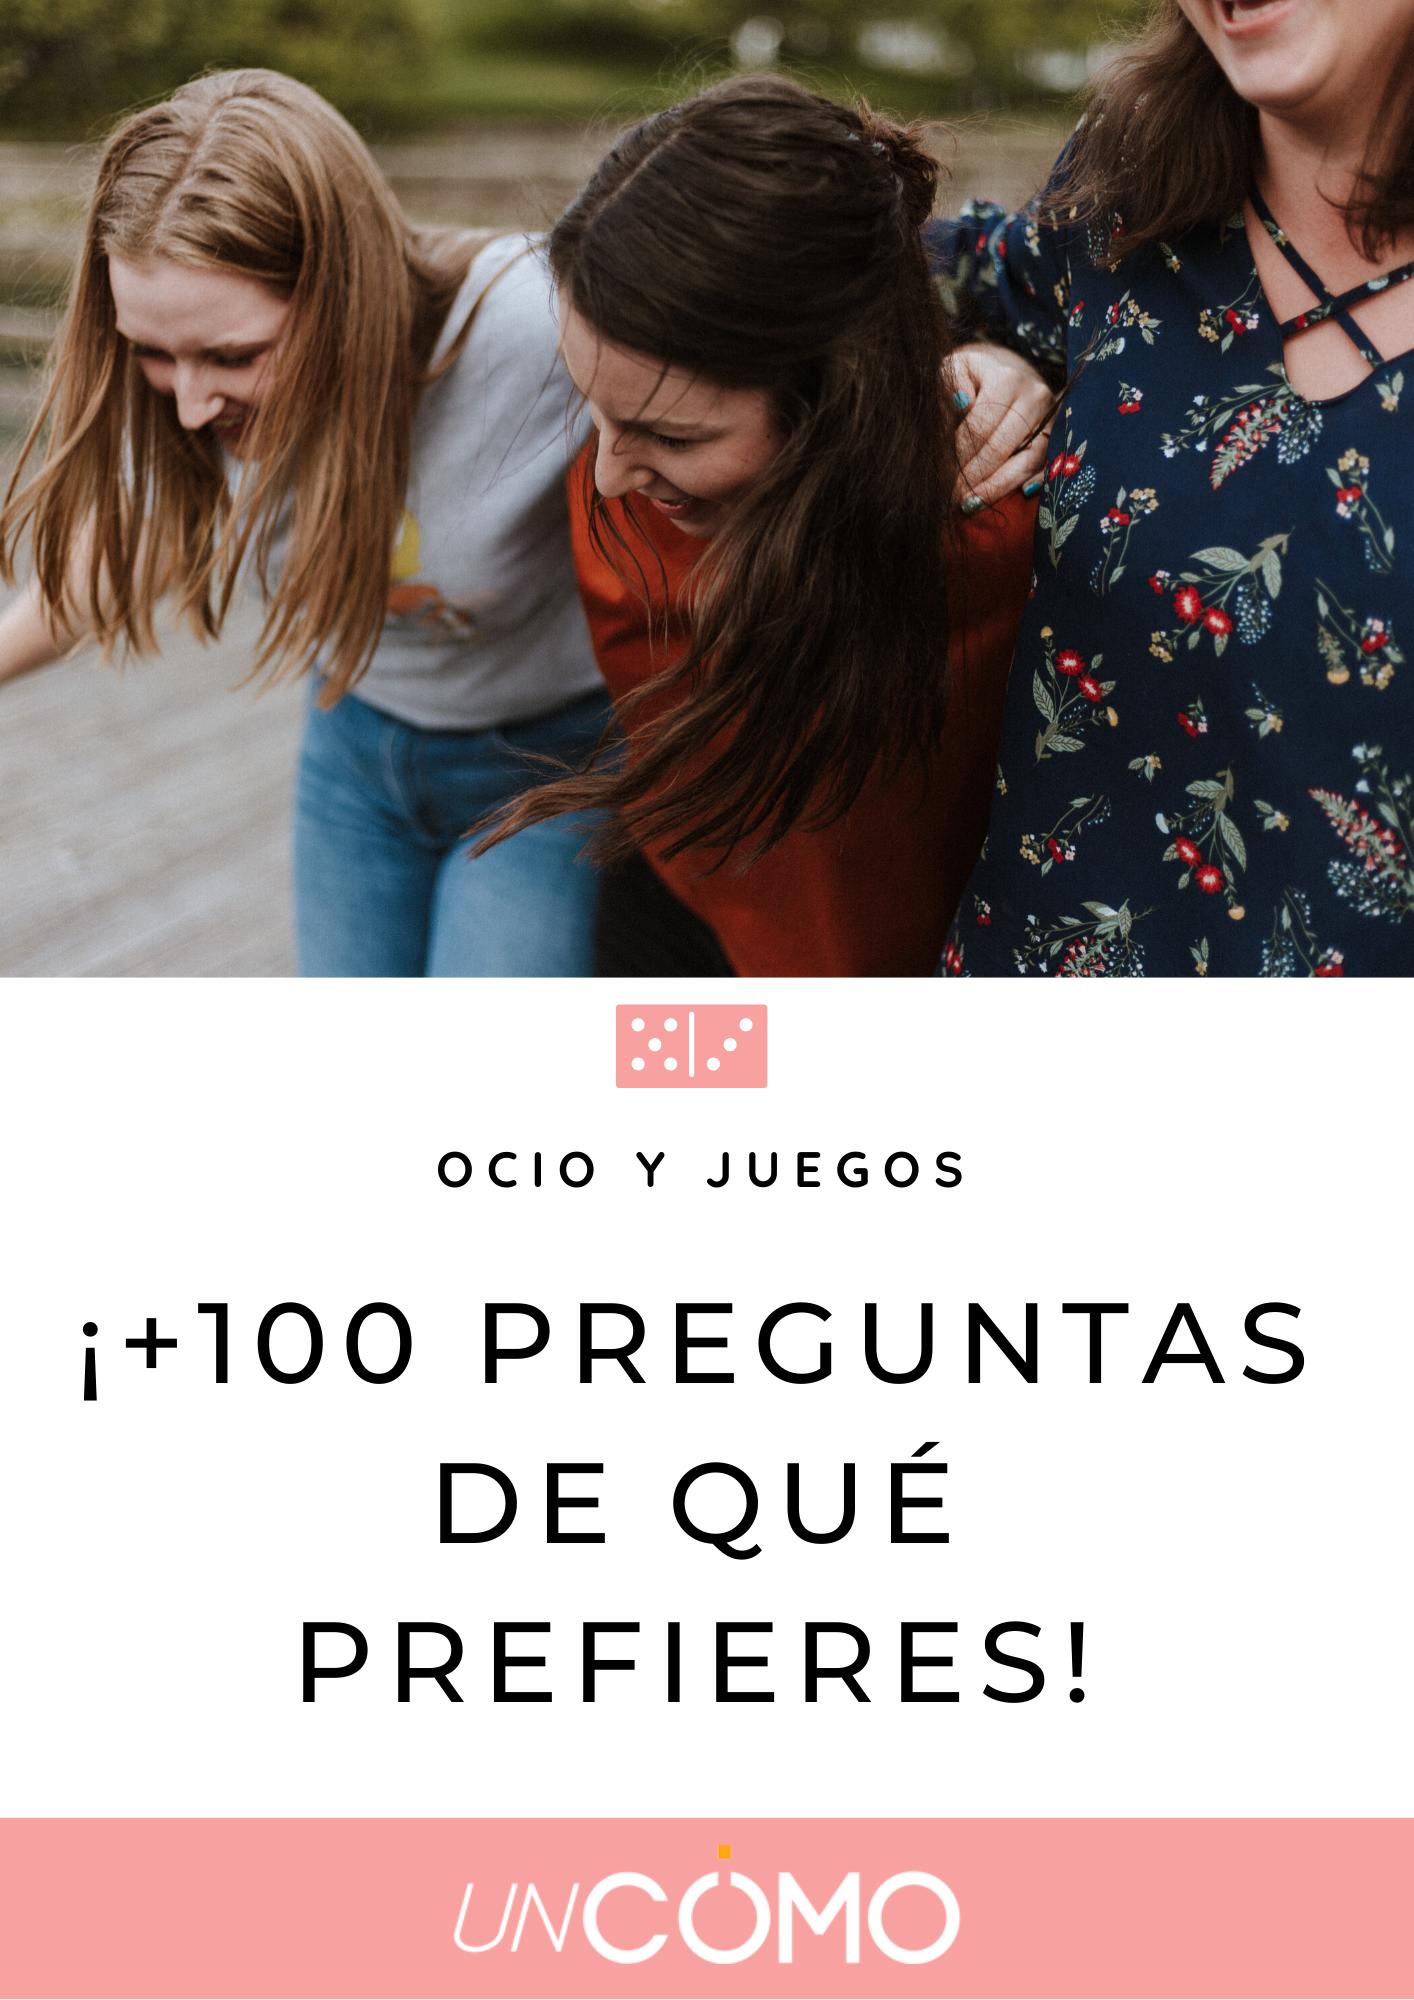 100 Preguntas De Qué Prefieres Divertidas Y Entretenidas 100 Preguntas Preguntas Divertidas Para Amigos Preguntas